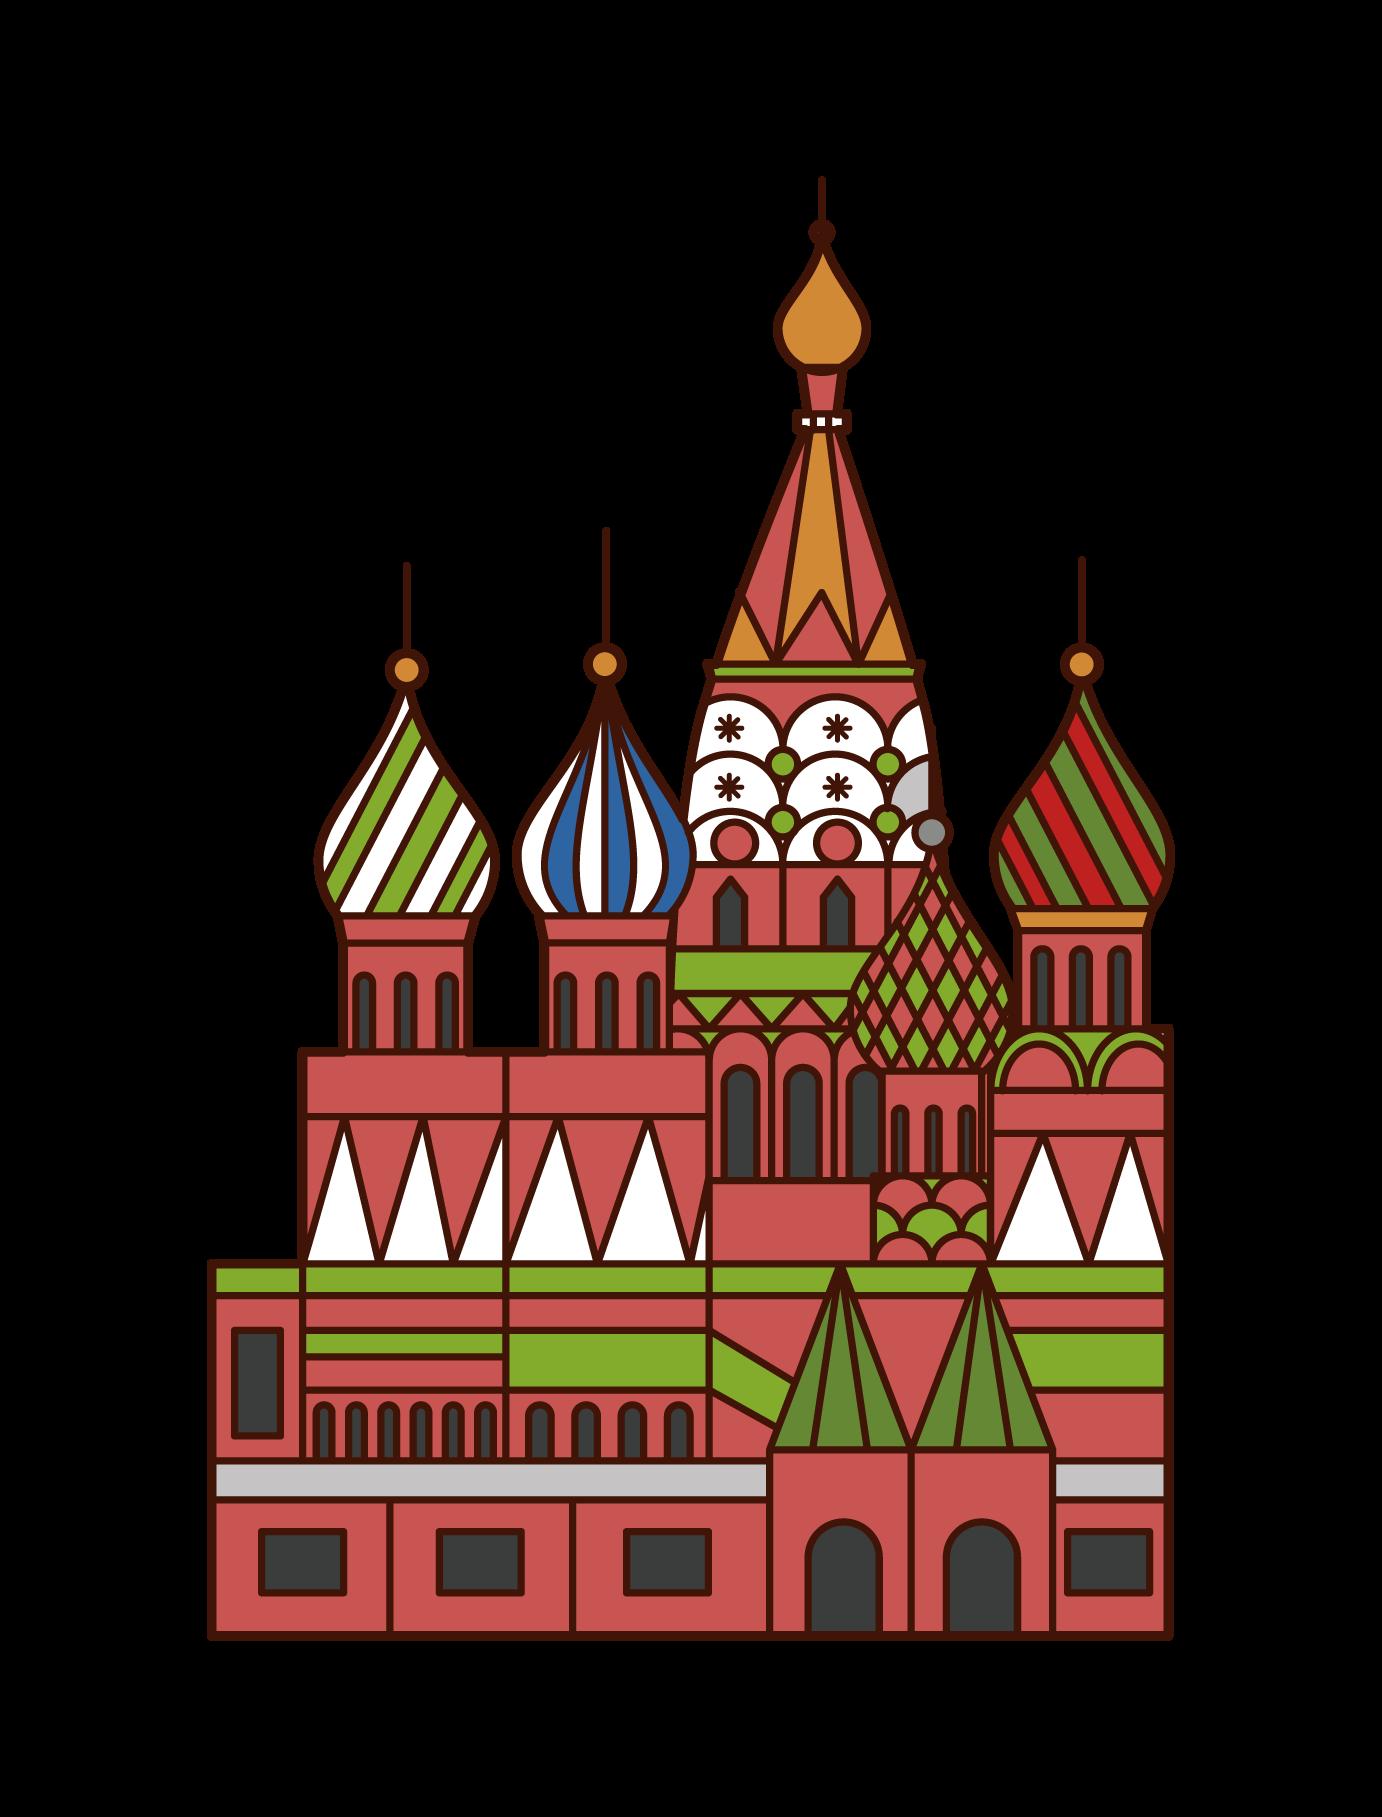 聖巴西爾大教堂插圖